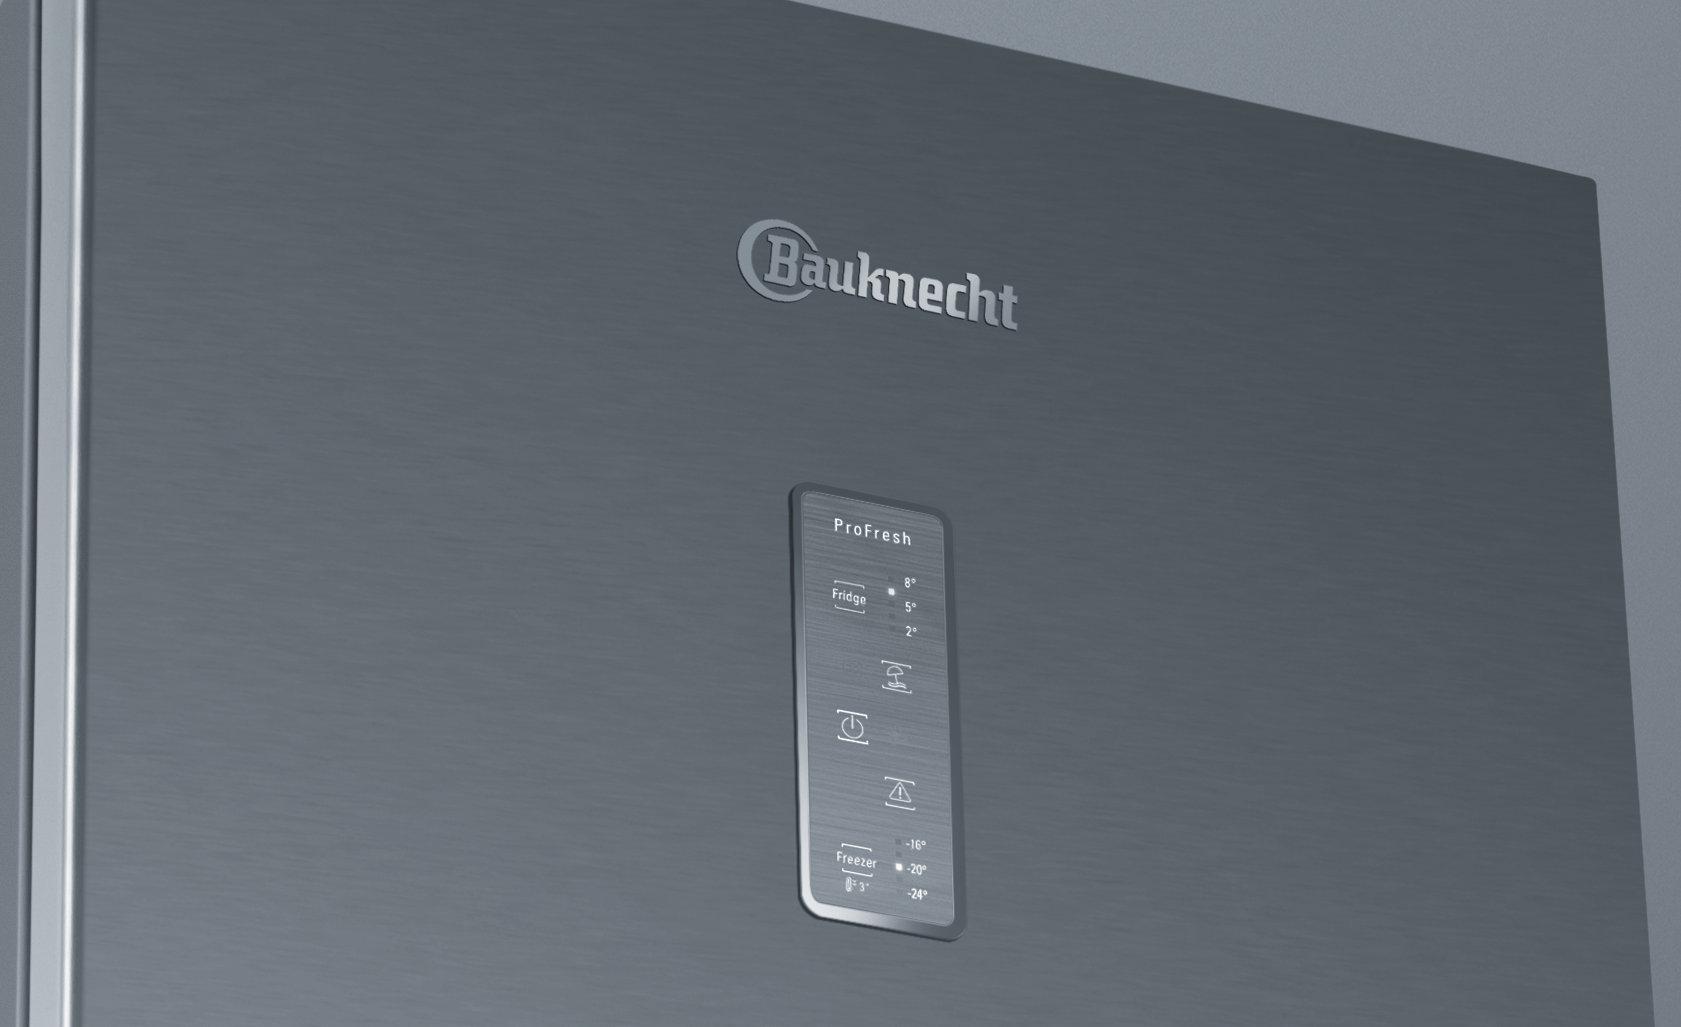 Kühlschrank No Frost Bauknecht : Ultimate nofrost: kühlen und gefrieren ohne kompromisse u2013 presse